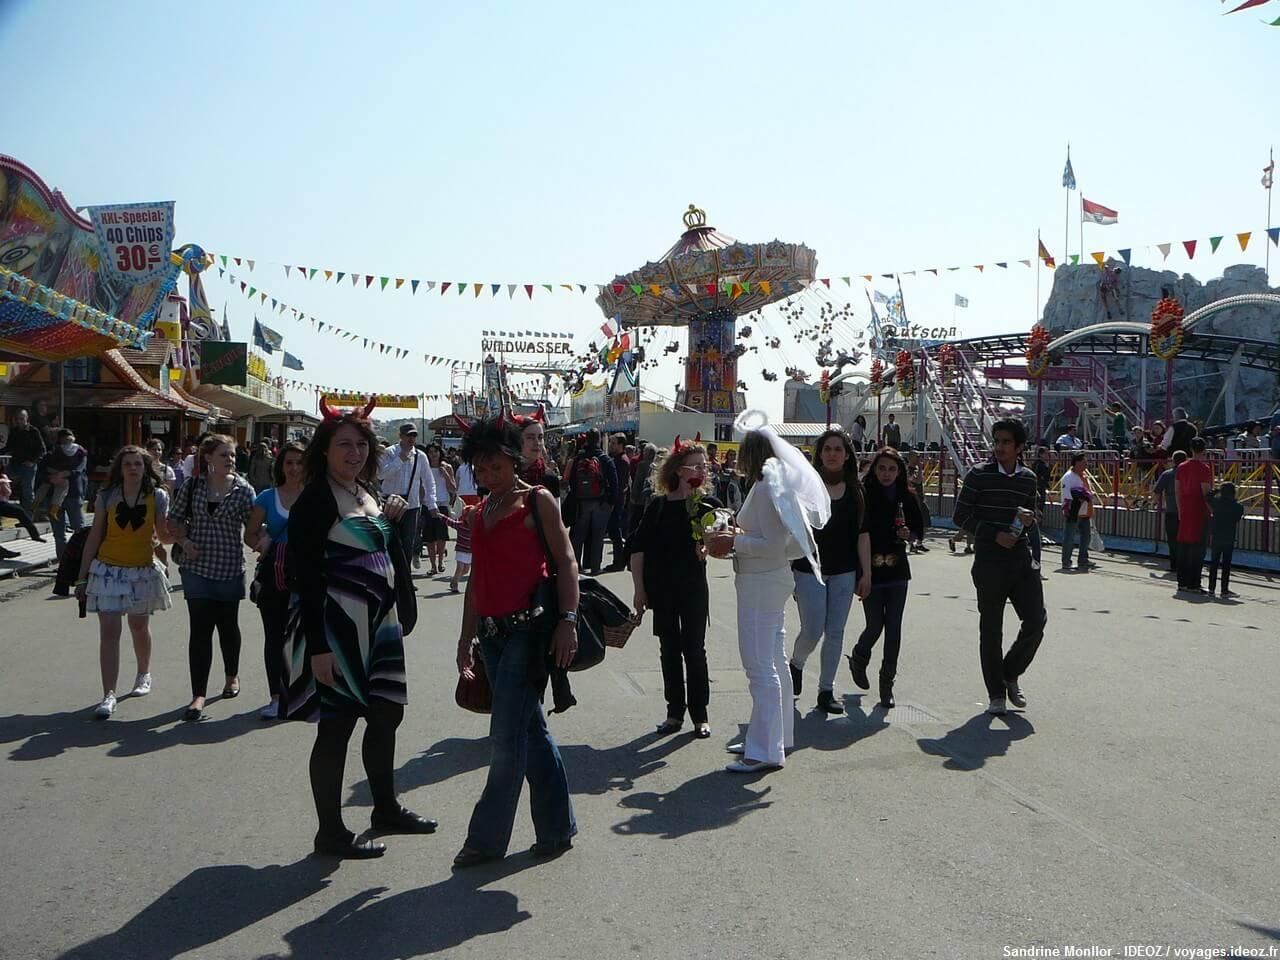 Déguisements lors de la fête foraine de Munich lors de la Fruhlingsfest